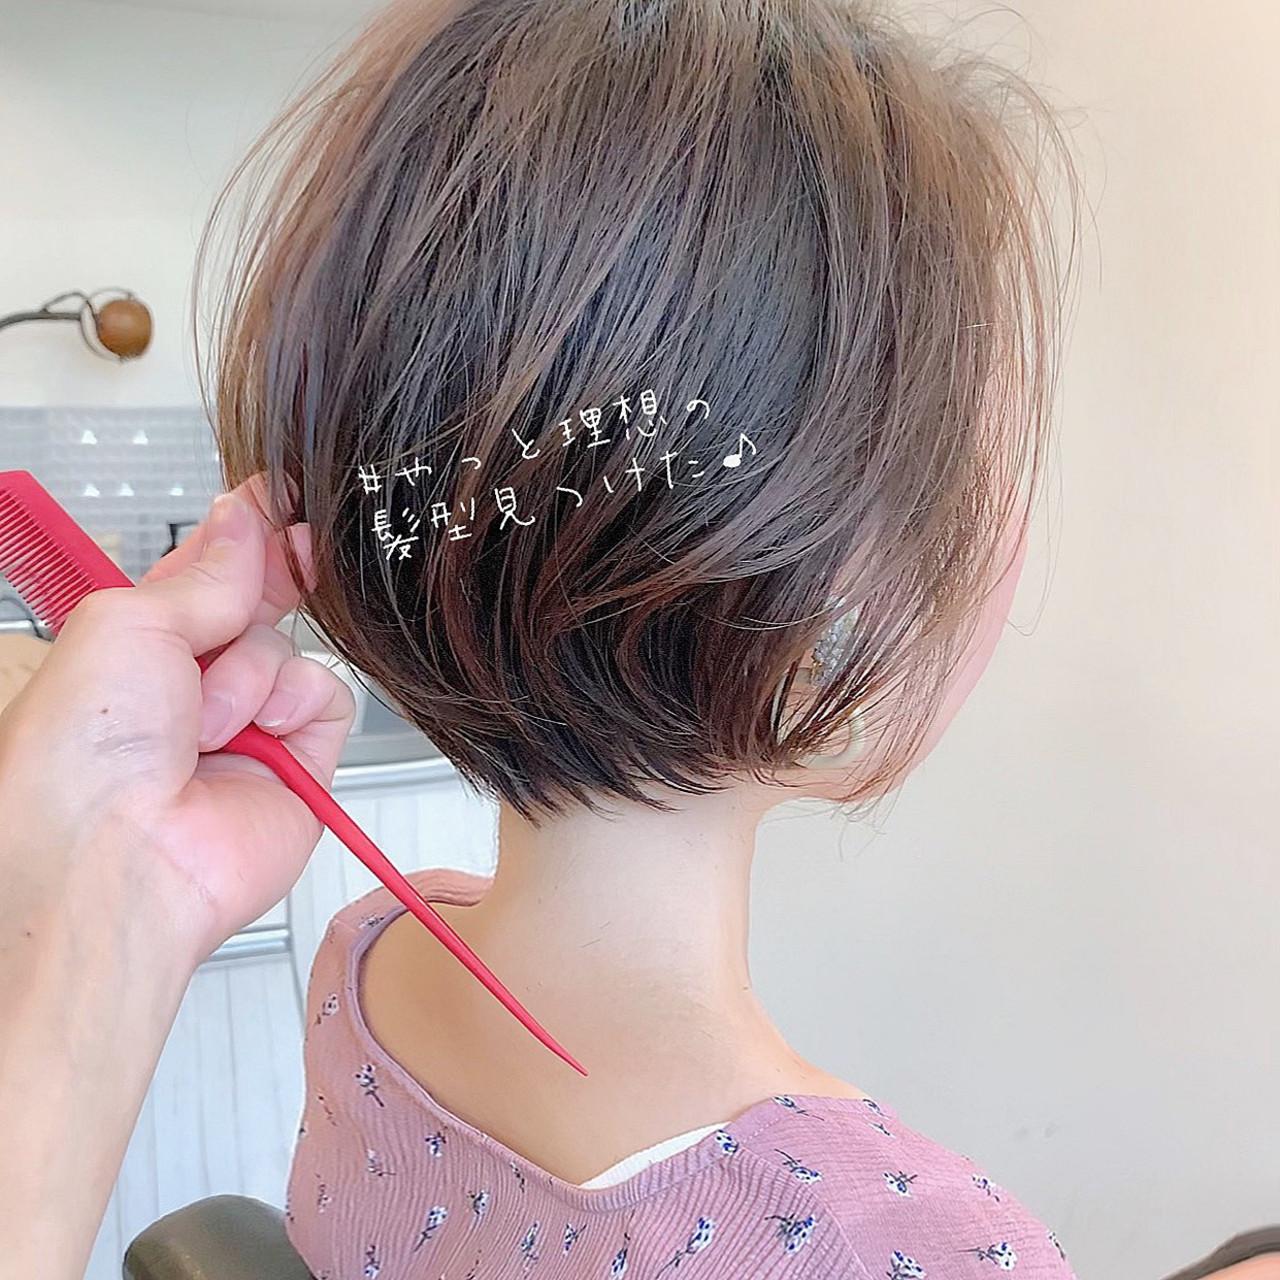 アンニュイほつれヘア 大人かわいい ゆるふわ アウトドア ヘアスタイルや髪型の写真・画像 | ショートボブの匠【 山内大成 】『i.hair』 / 『 i. 』 omotesando